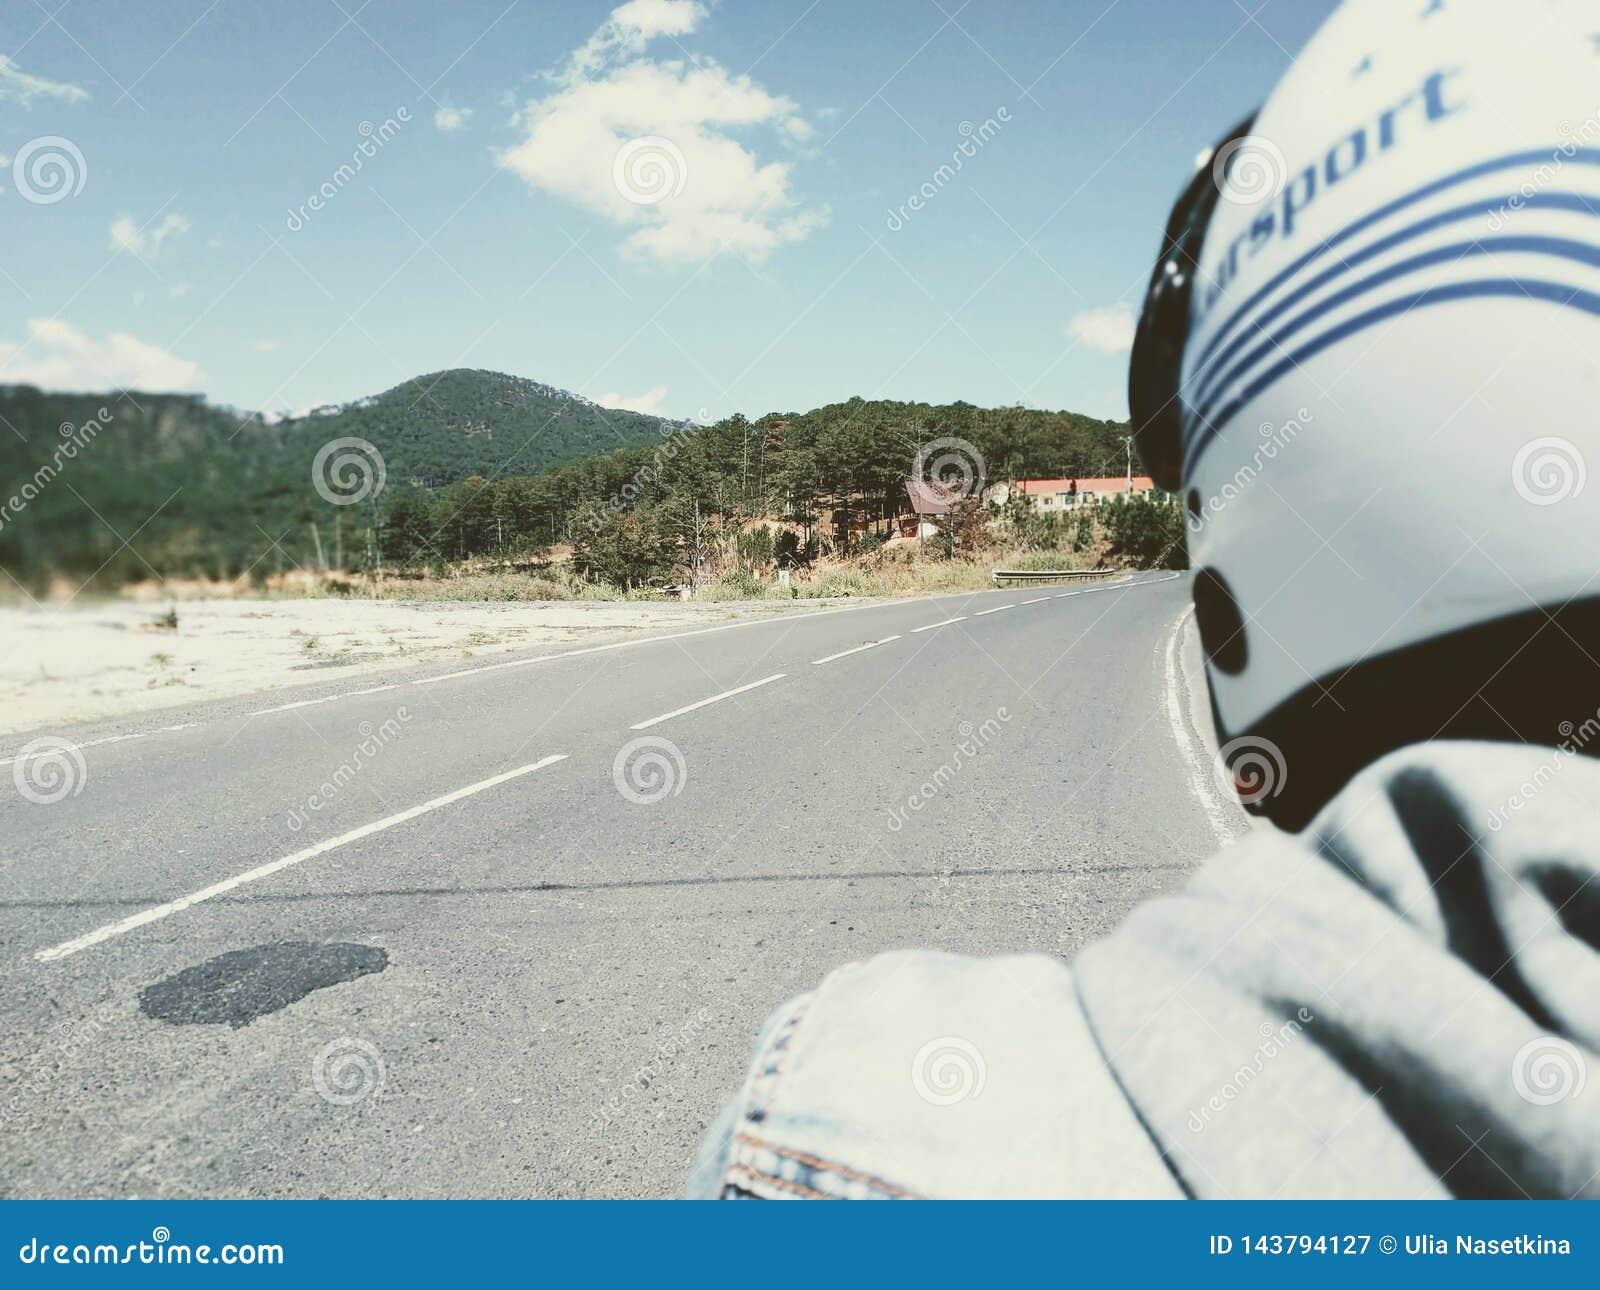 Cycliste sur la route Distance bleue roman, voyageant sur une moto